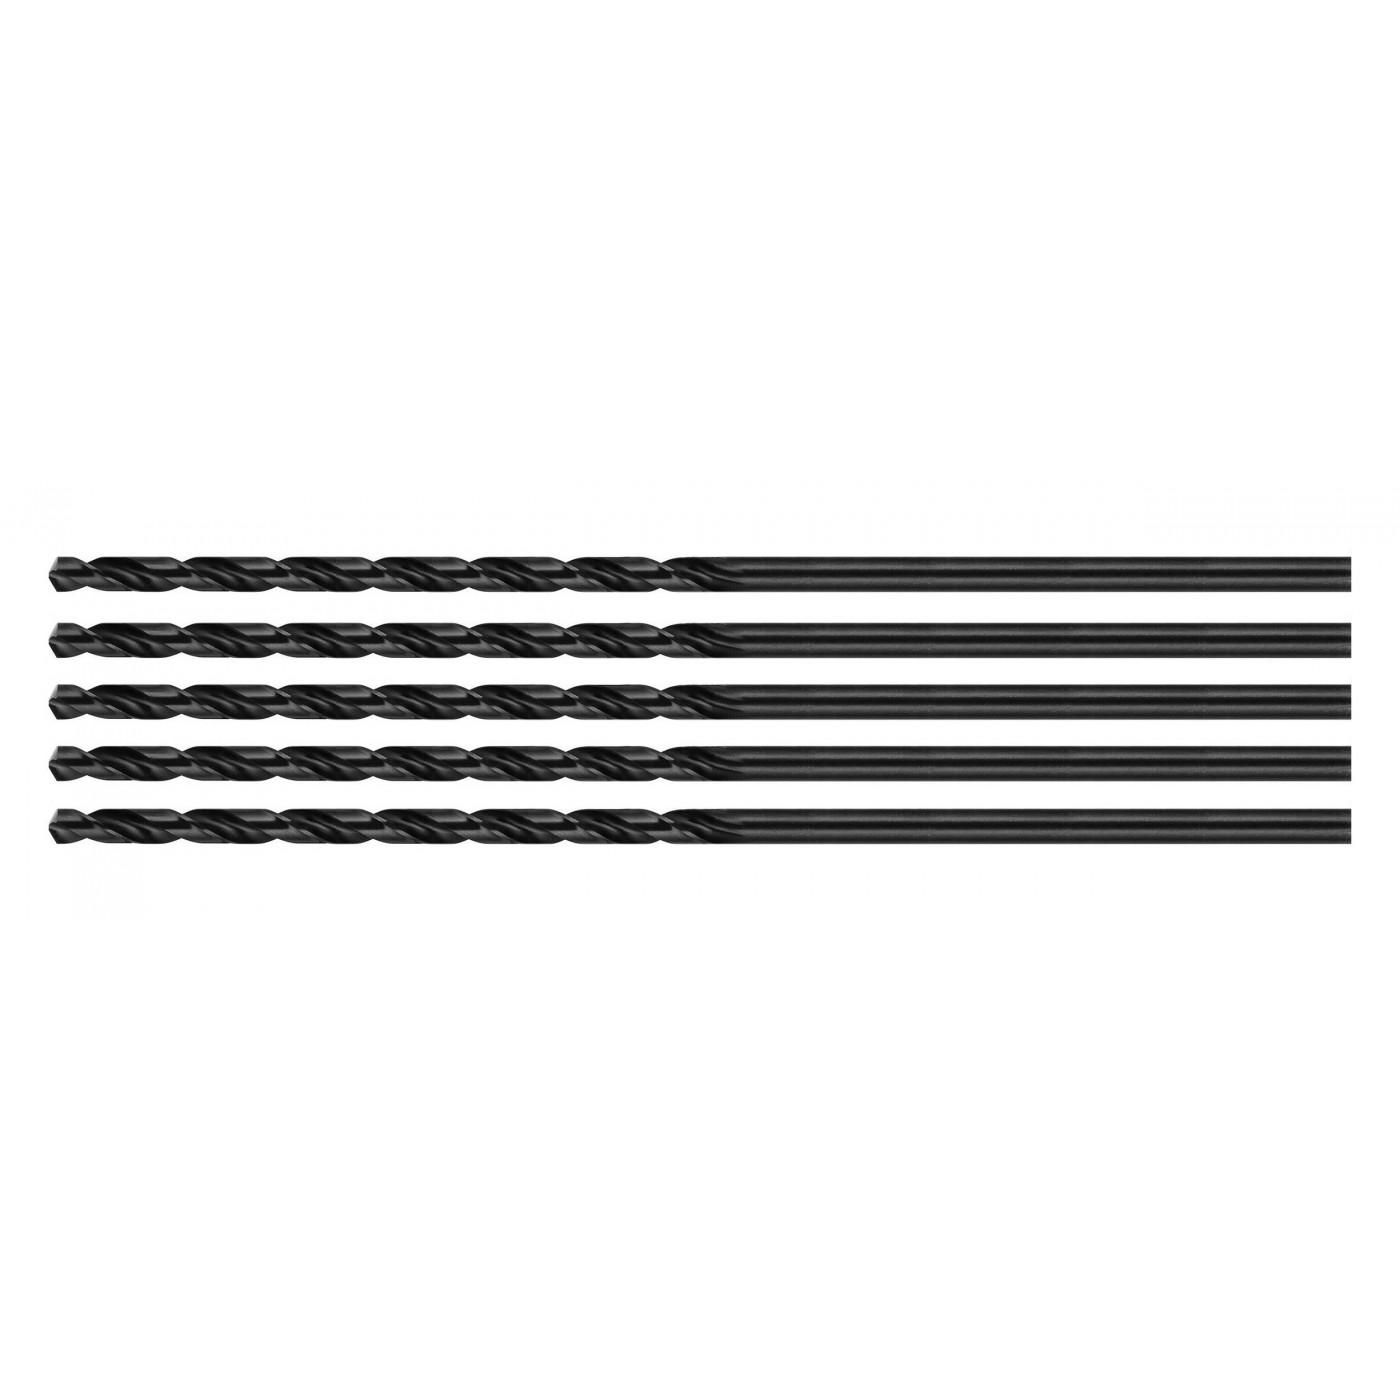 Set von 5 metalbohrer, extra lange (4.2x300 mm) - 1